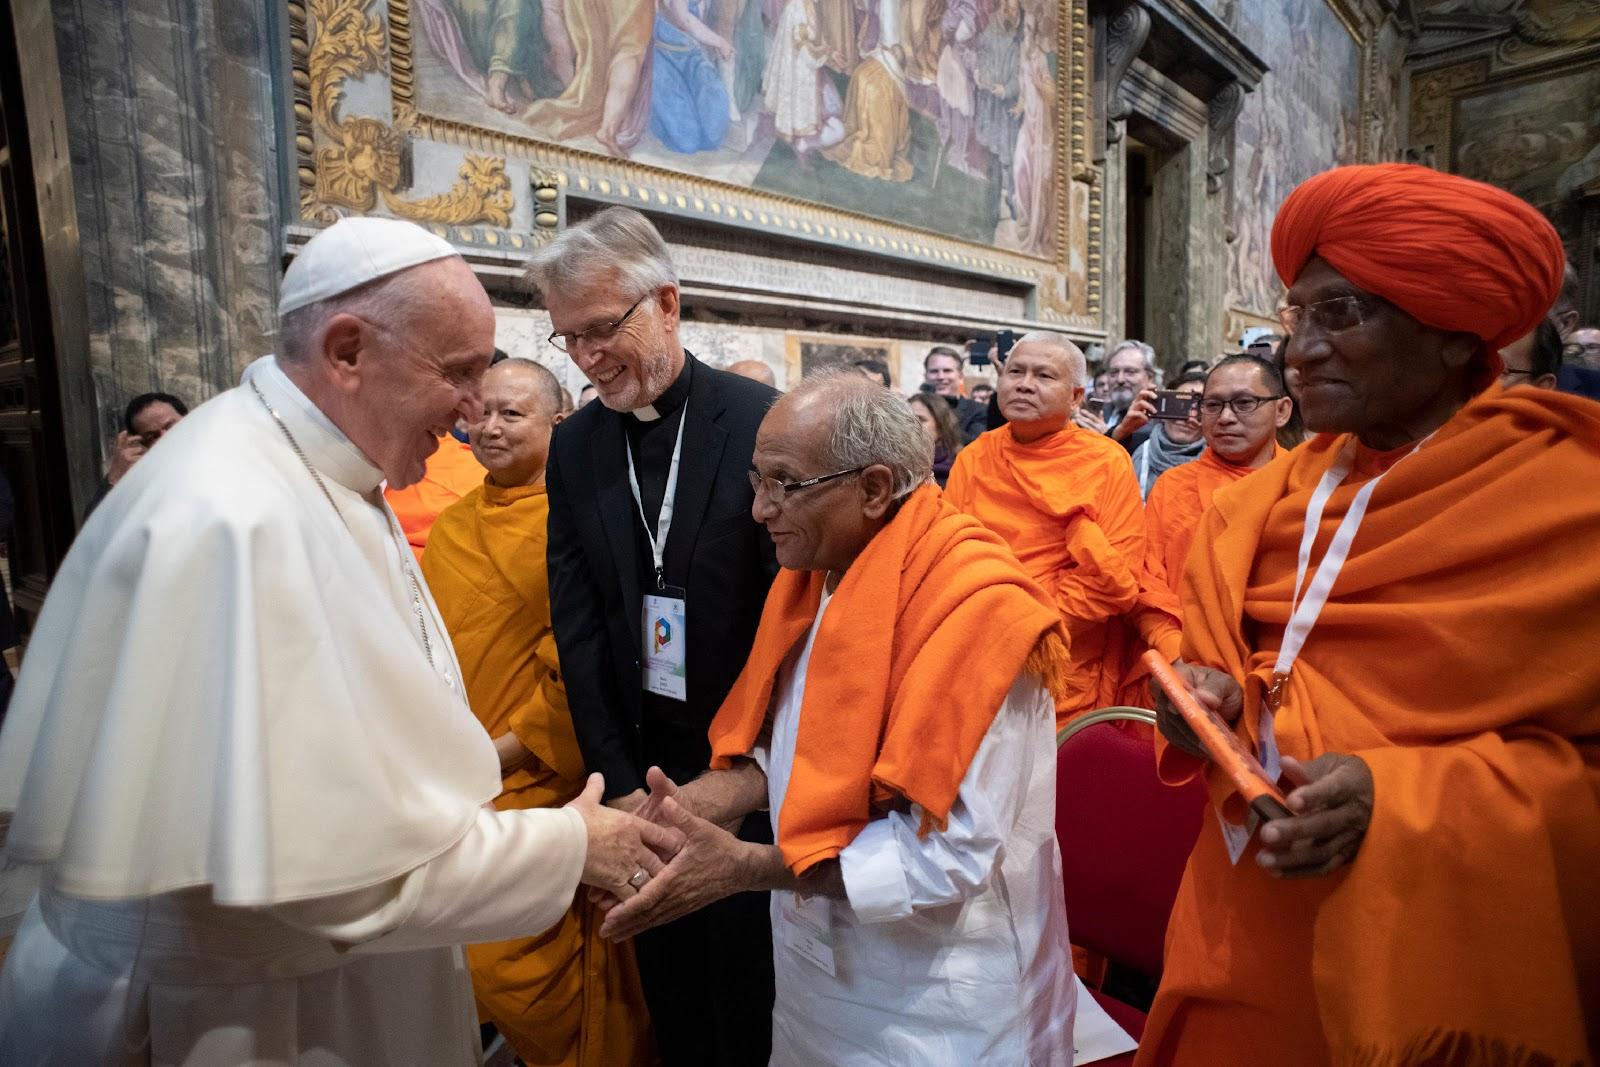 Đức Thánh Cha Phanxico khẳng định tầm quan trọng của việc đạt được những mục tiêu phát triển bền vững